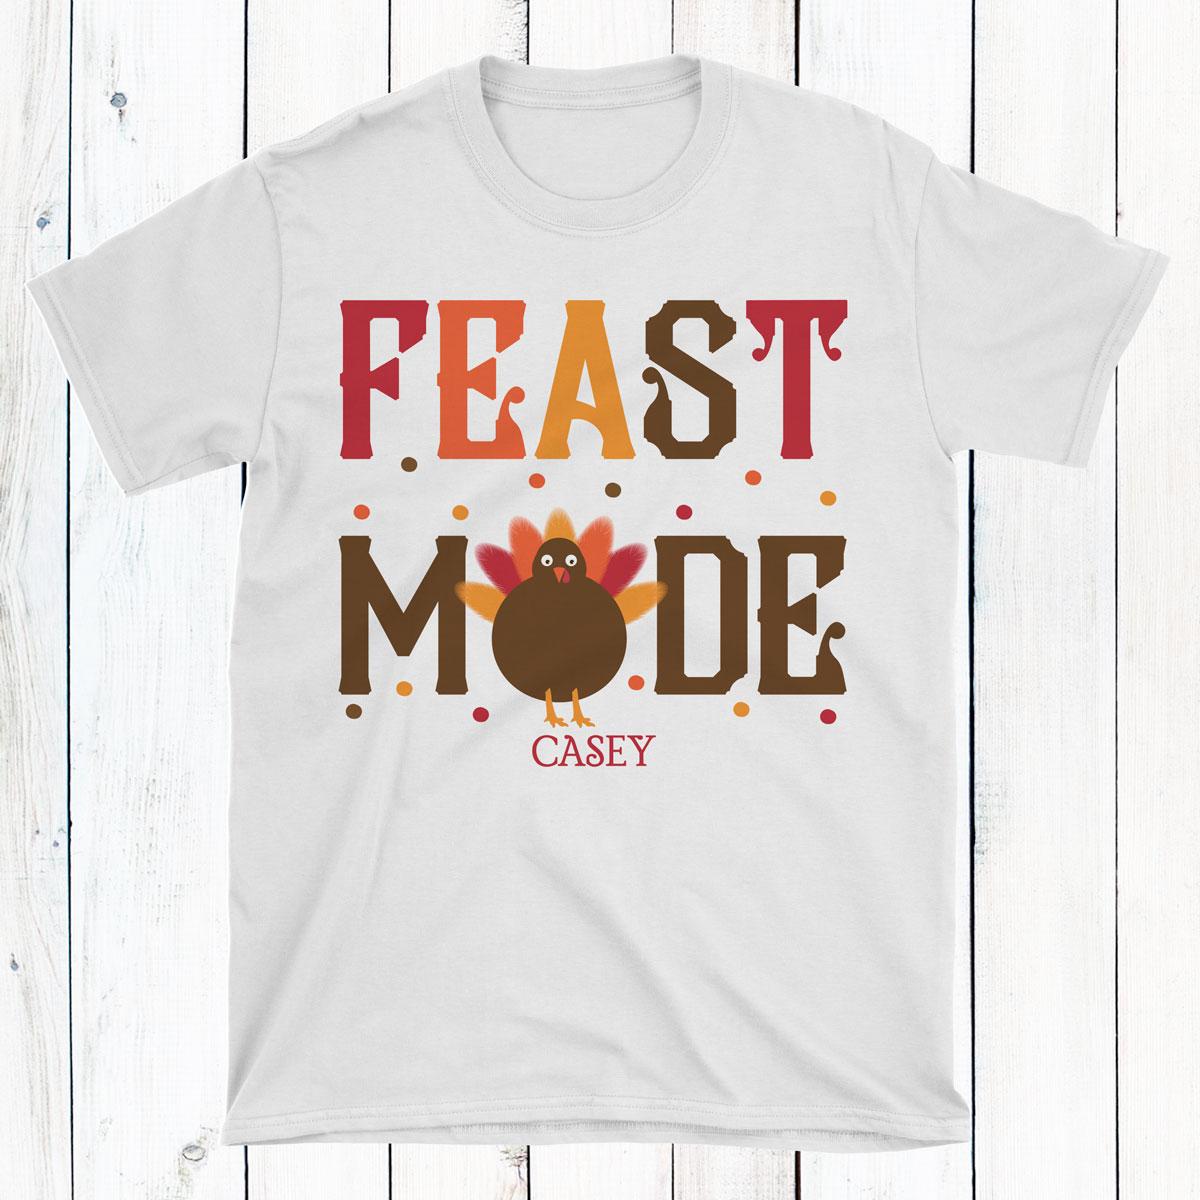 feast-mode-baby-shirt-kids.jpg